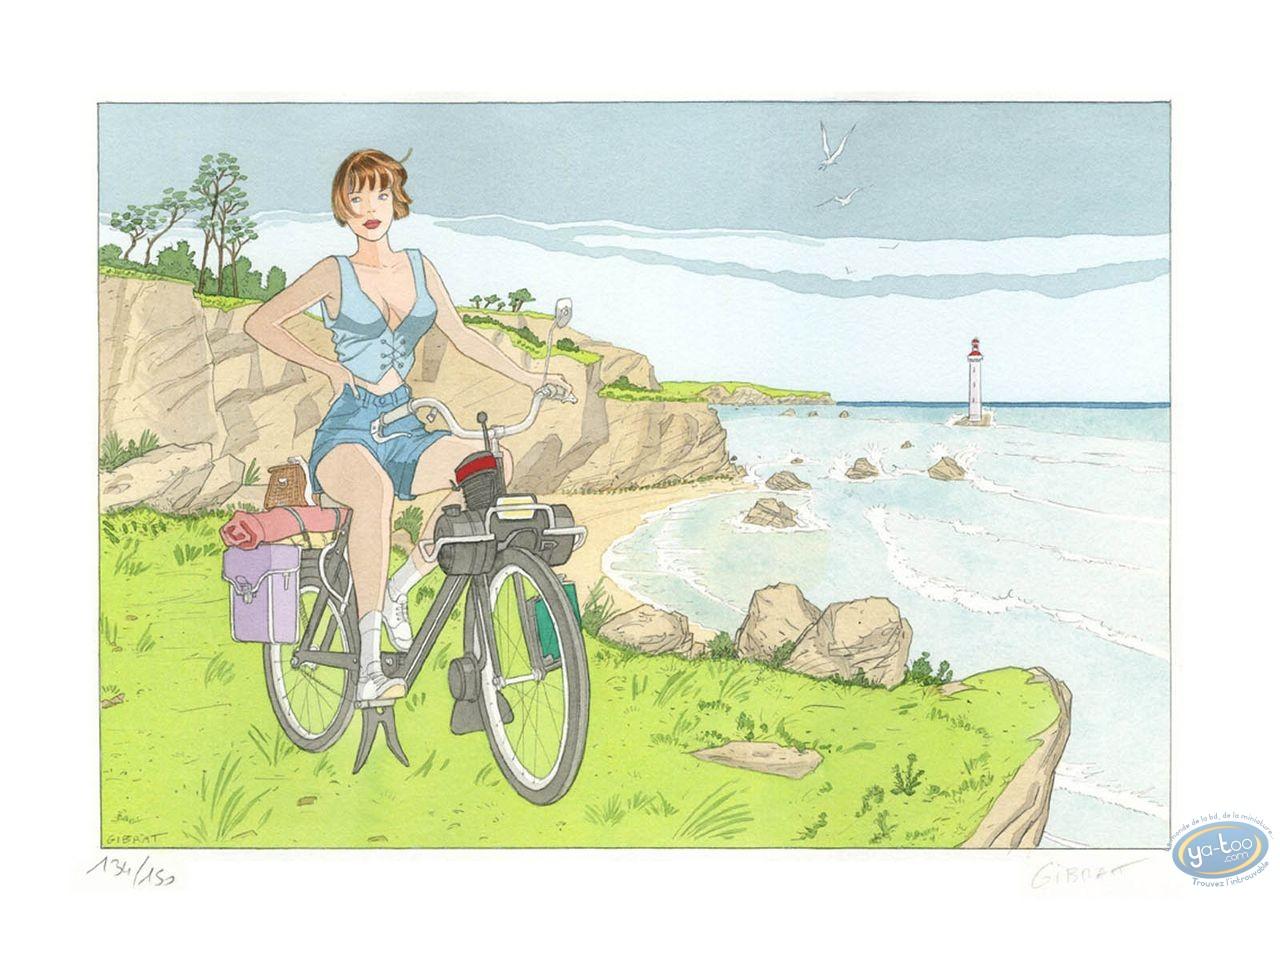 Aquarelle, Gibrat : Martine